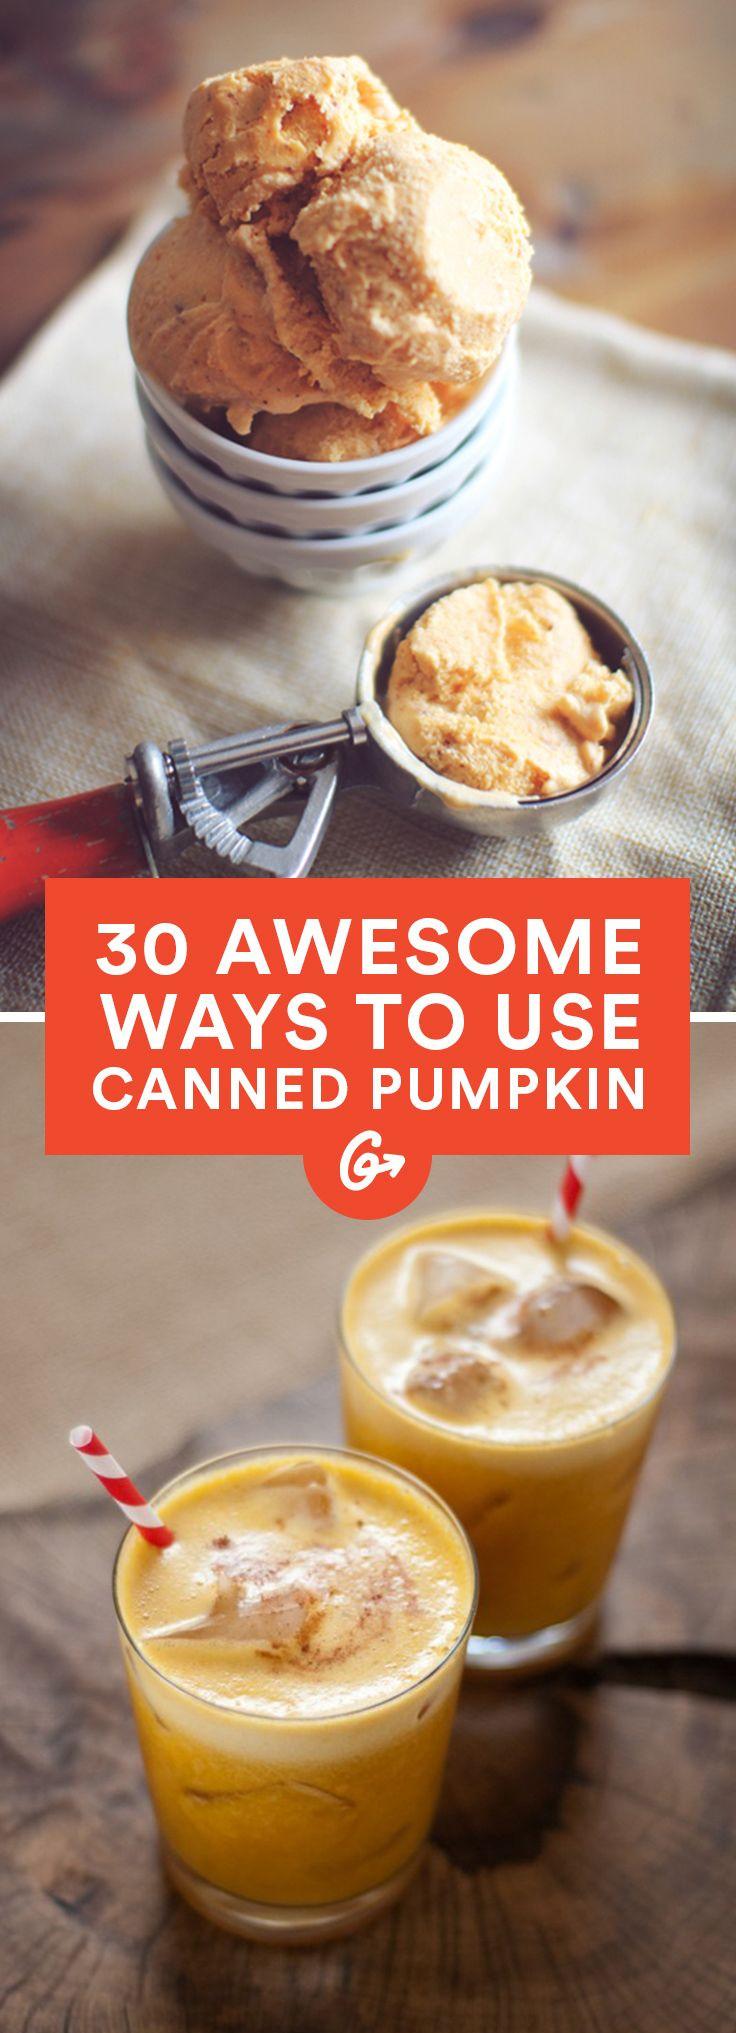 Pumpkin Dessert Recipes Healthy  100 Canned Pumpkin Recipes on Pinterest